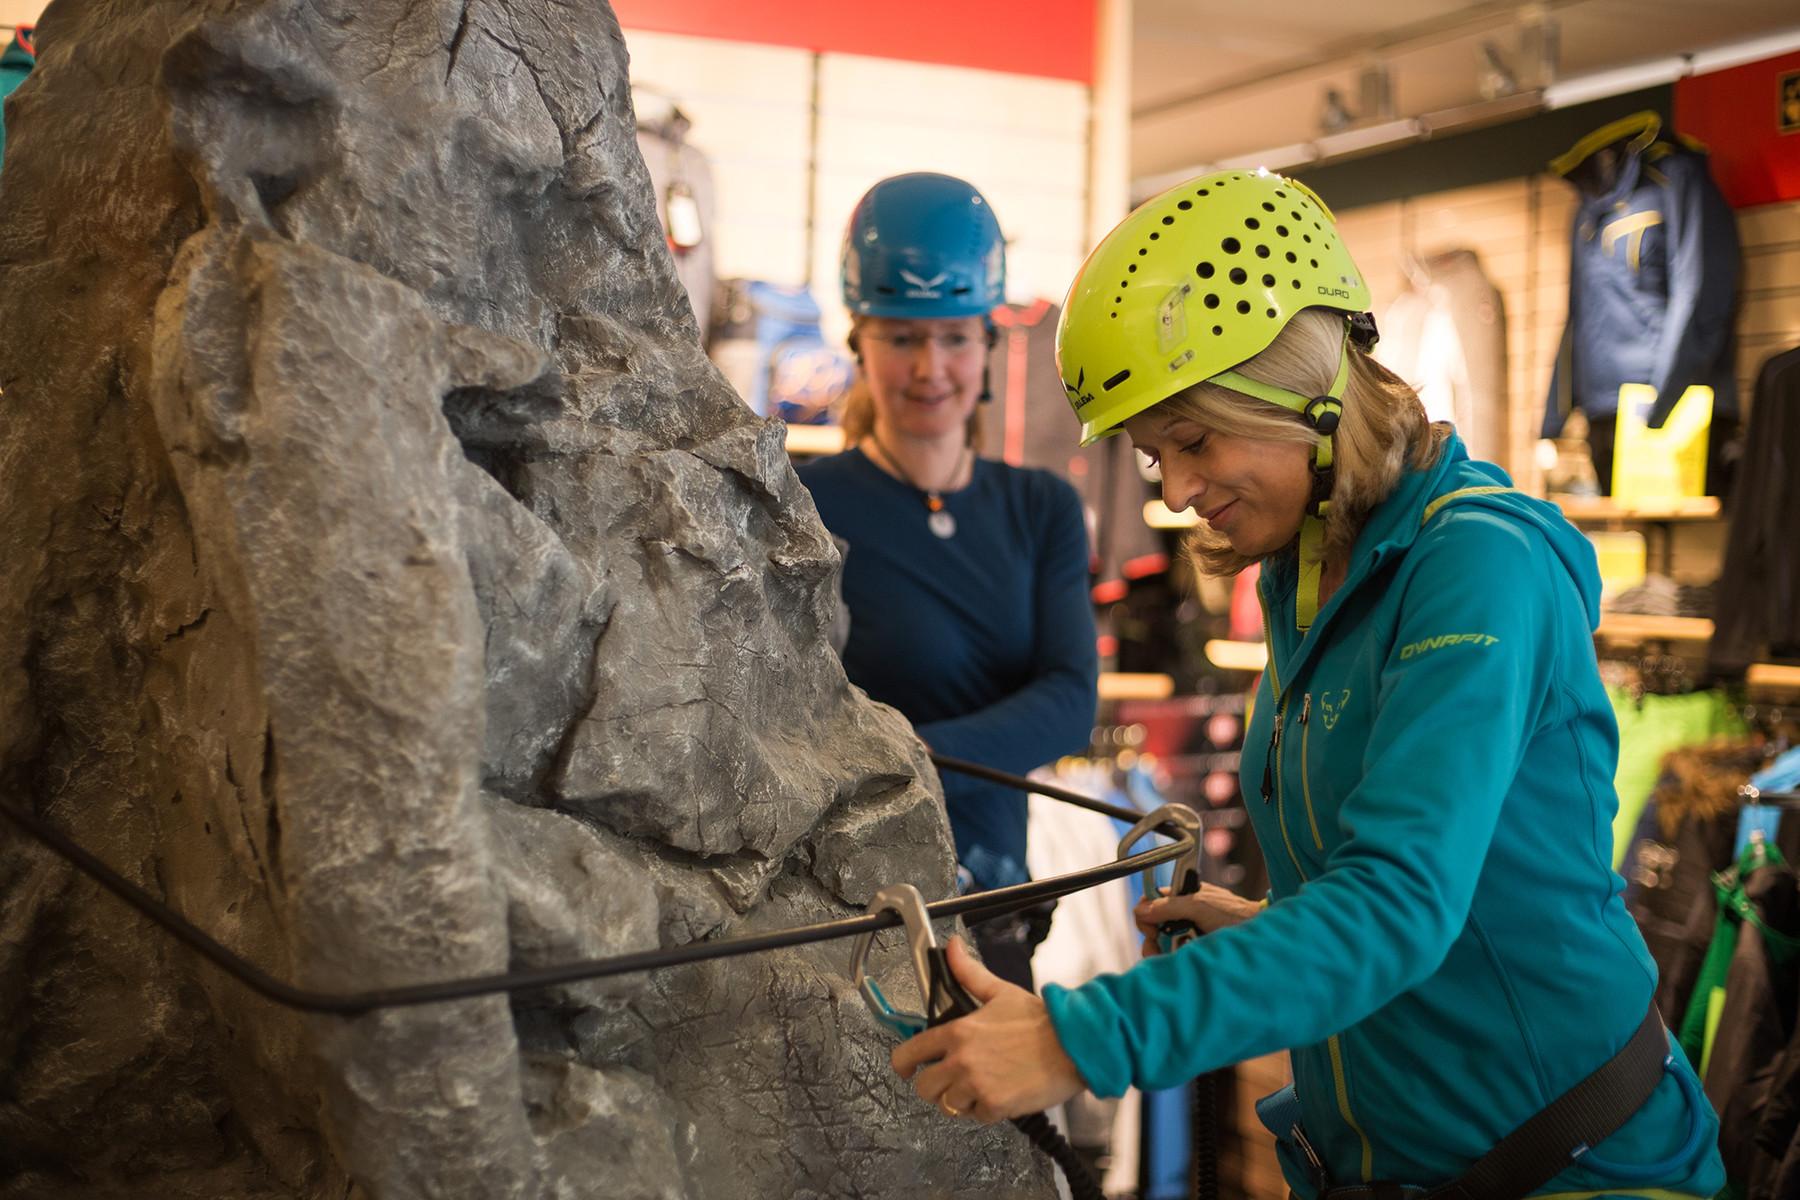 Klettersteigset Verleih Berchtesgaden : Bergsport und kletterausrüstung kaufen in berchtesgaden